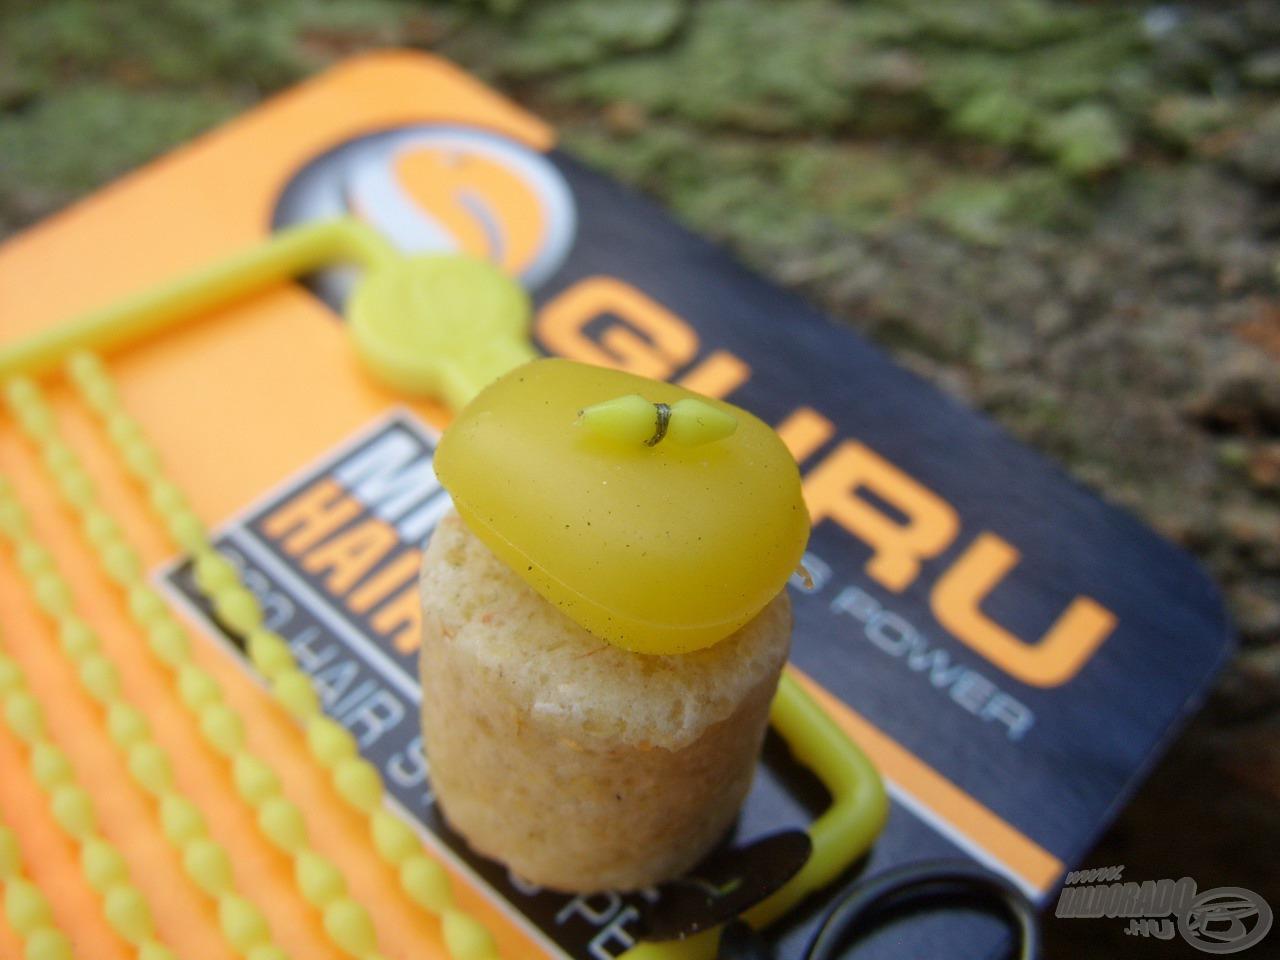 A csali felső rögzítésére egyik kedvenc típusomat, egy sárga Guru stoppert használtam